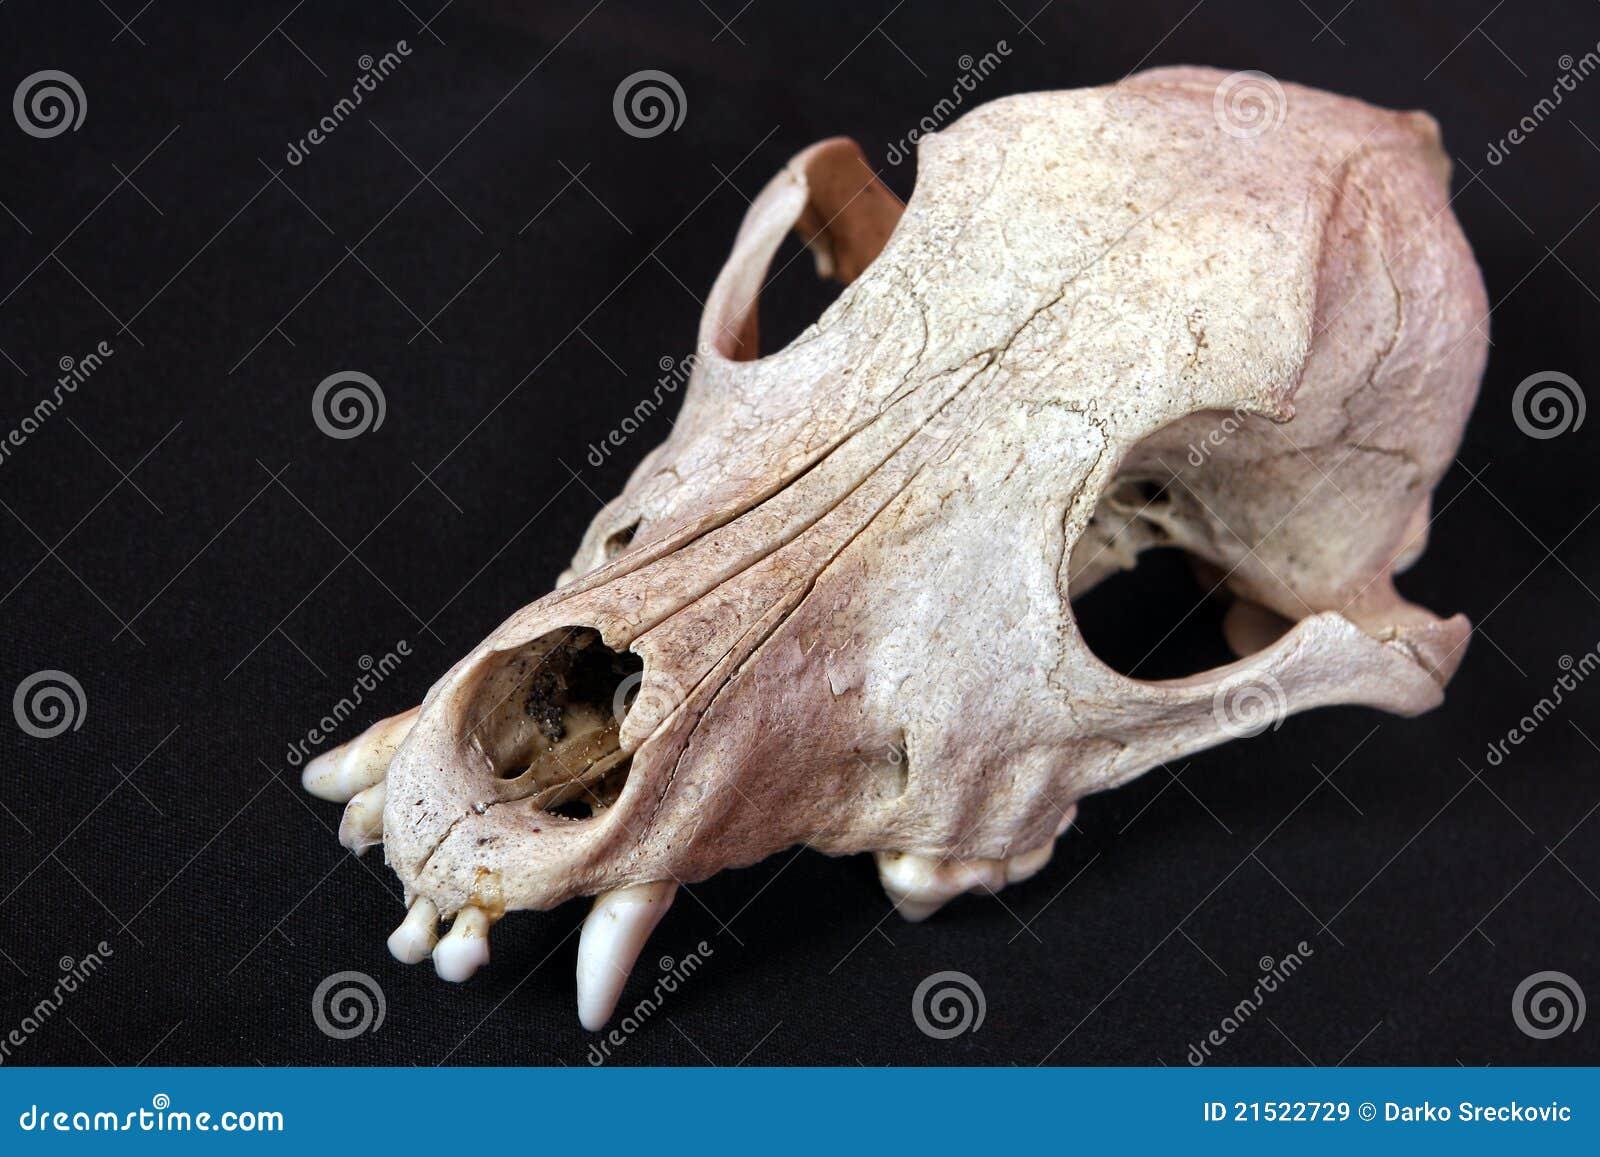 Dog skull stock image. Image of anatomy, tooth, bone - 21522729